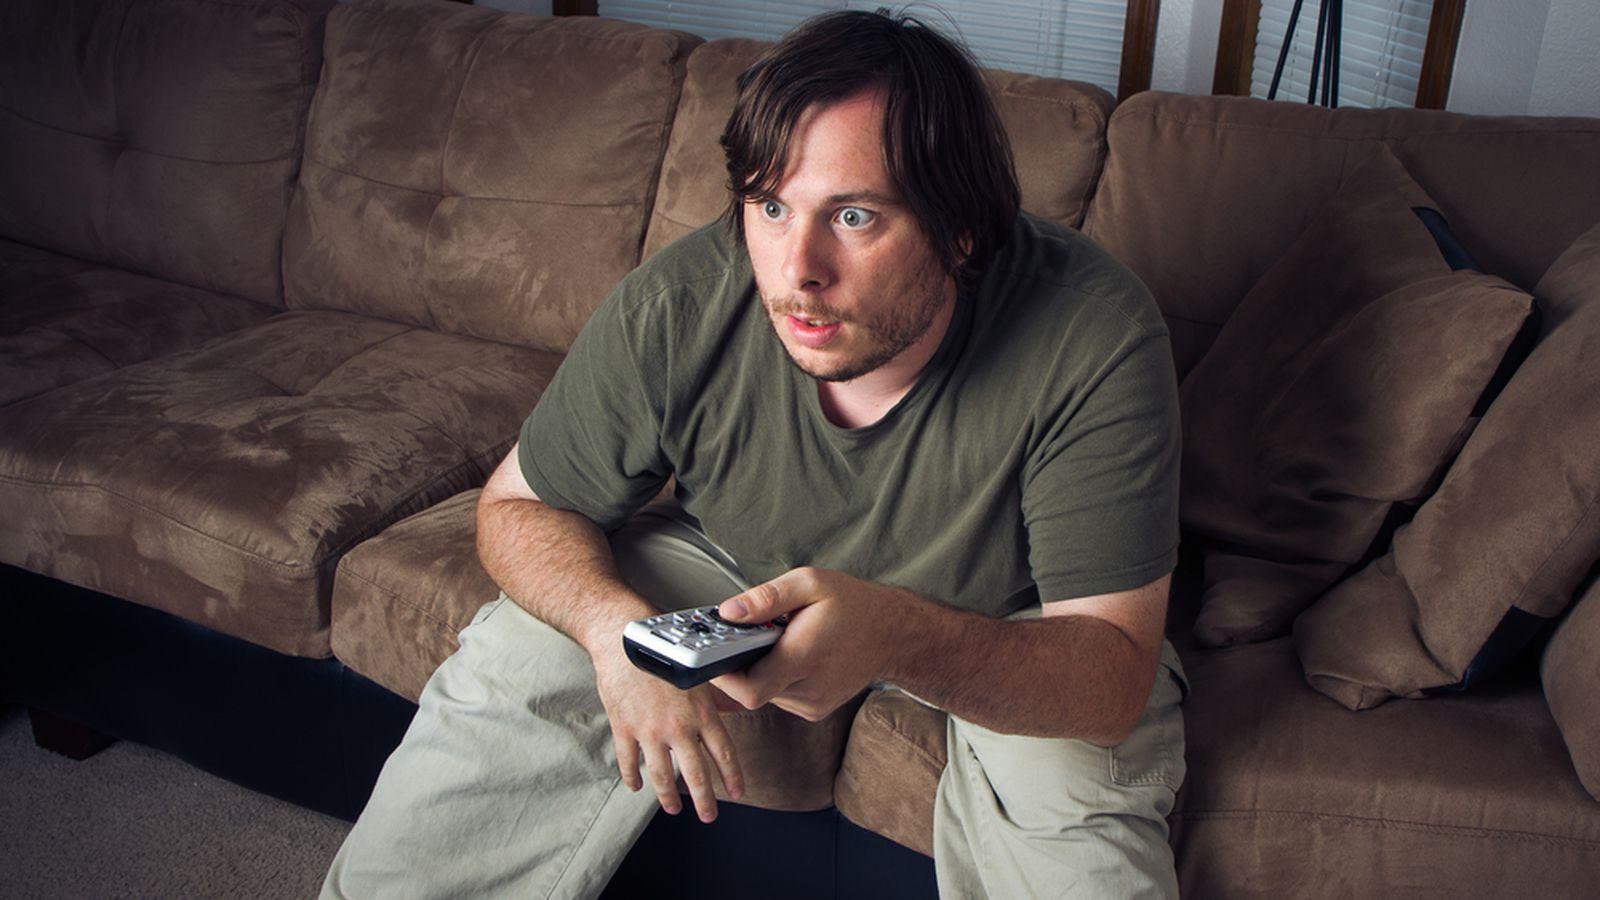 Смотреть в порнуху, Бесплатное HD порно в хорошем качестве смотреть 9 фотография